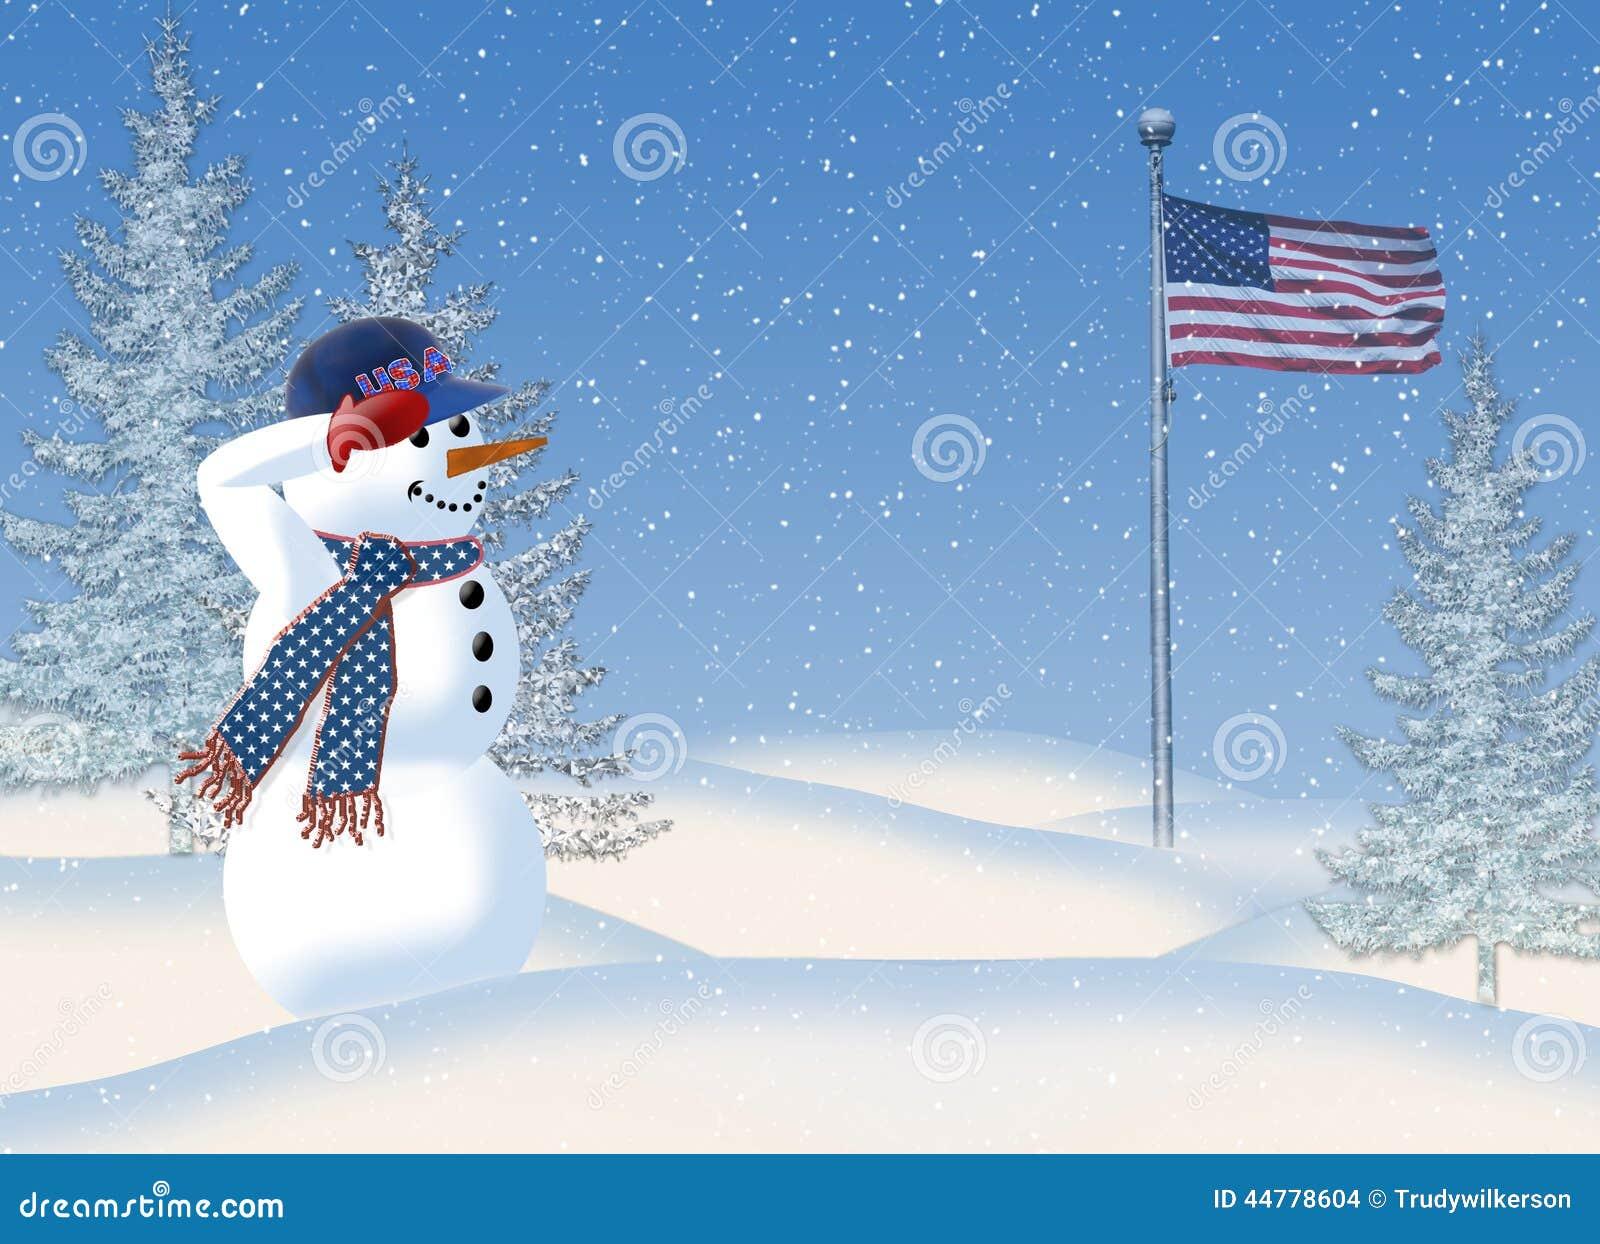 Clipart Usa Flag